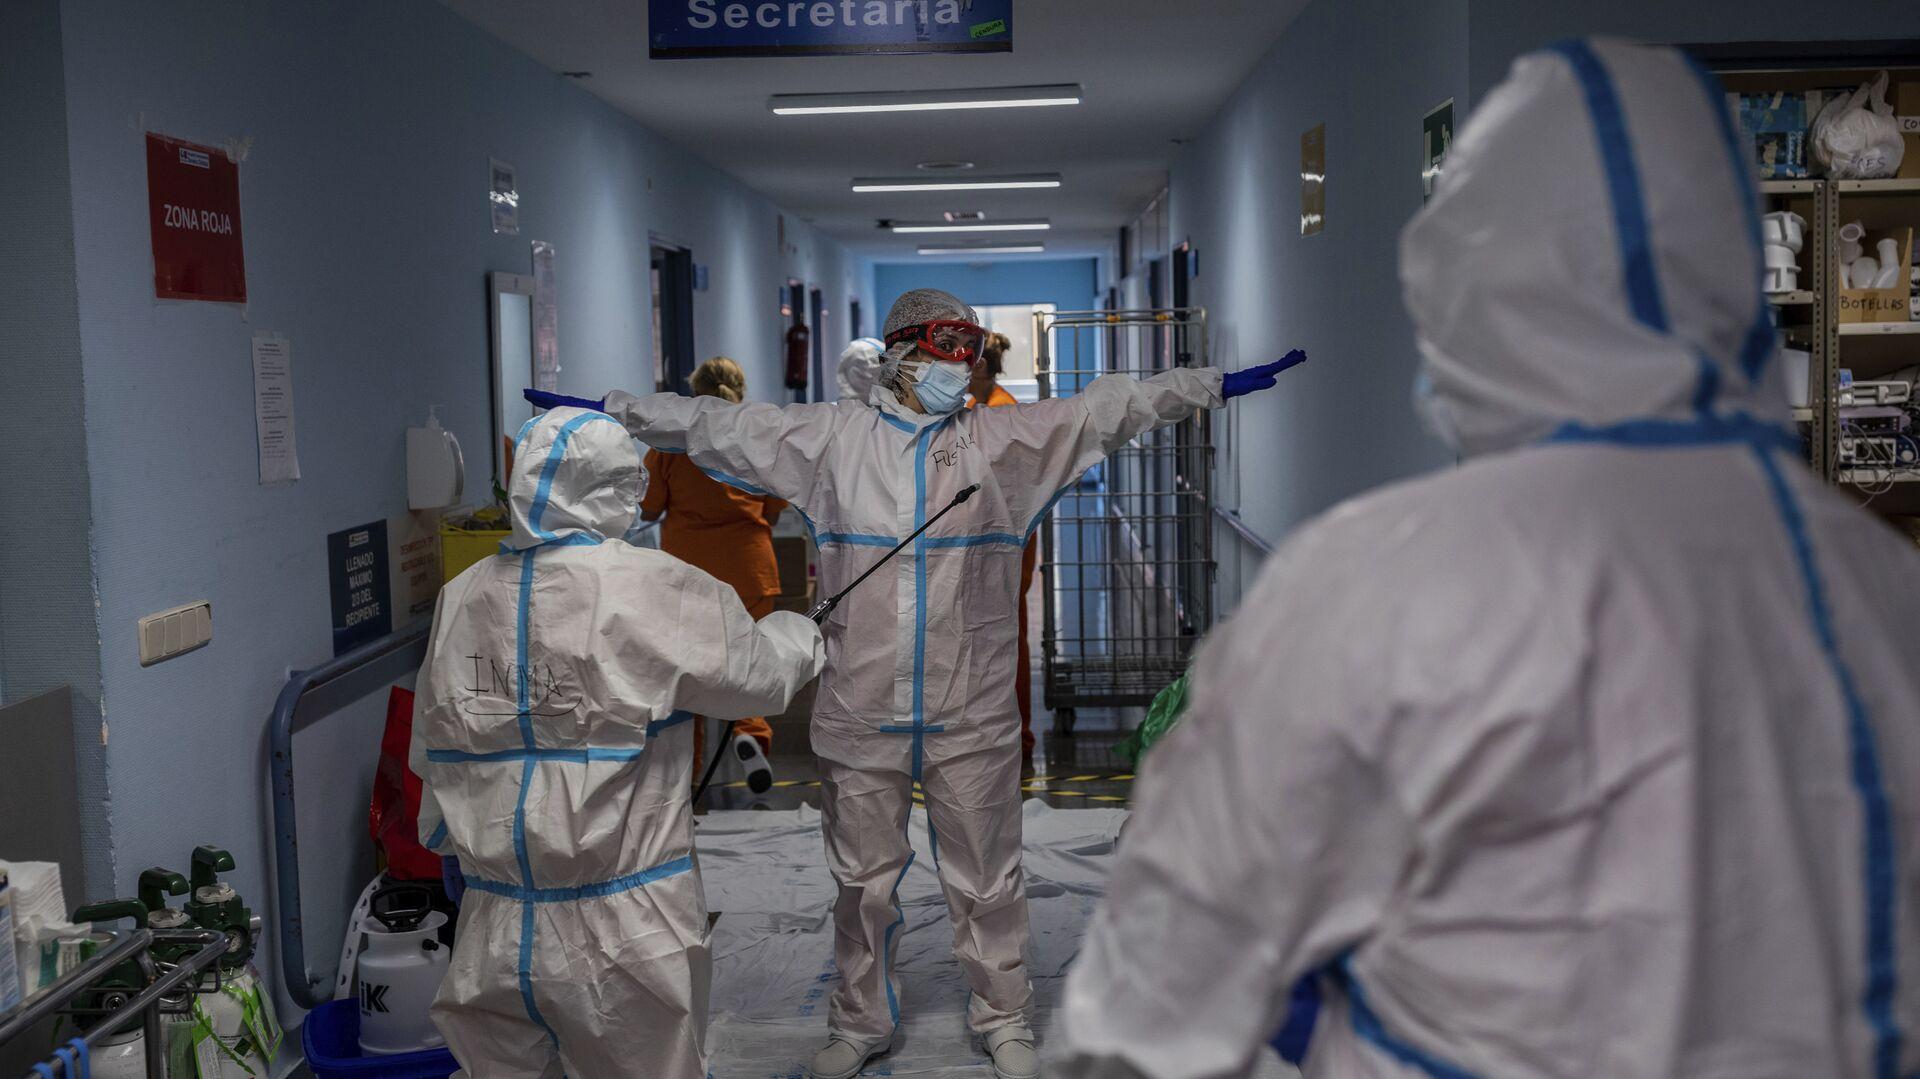 Un miembro del equipo médico es desinfectado antes de salir de la sala COVID-19 del hospital Severo Ochoa en Leganés, en las afueras de Madrid, España.  - Sputnik Mundo, 1920, 25.03.2021